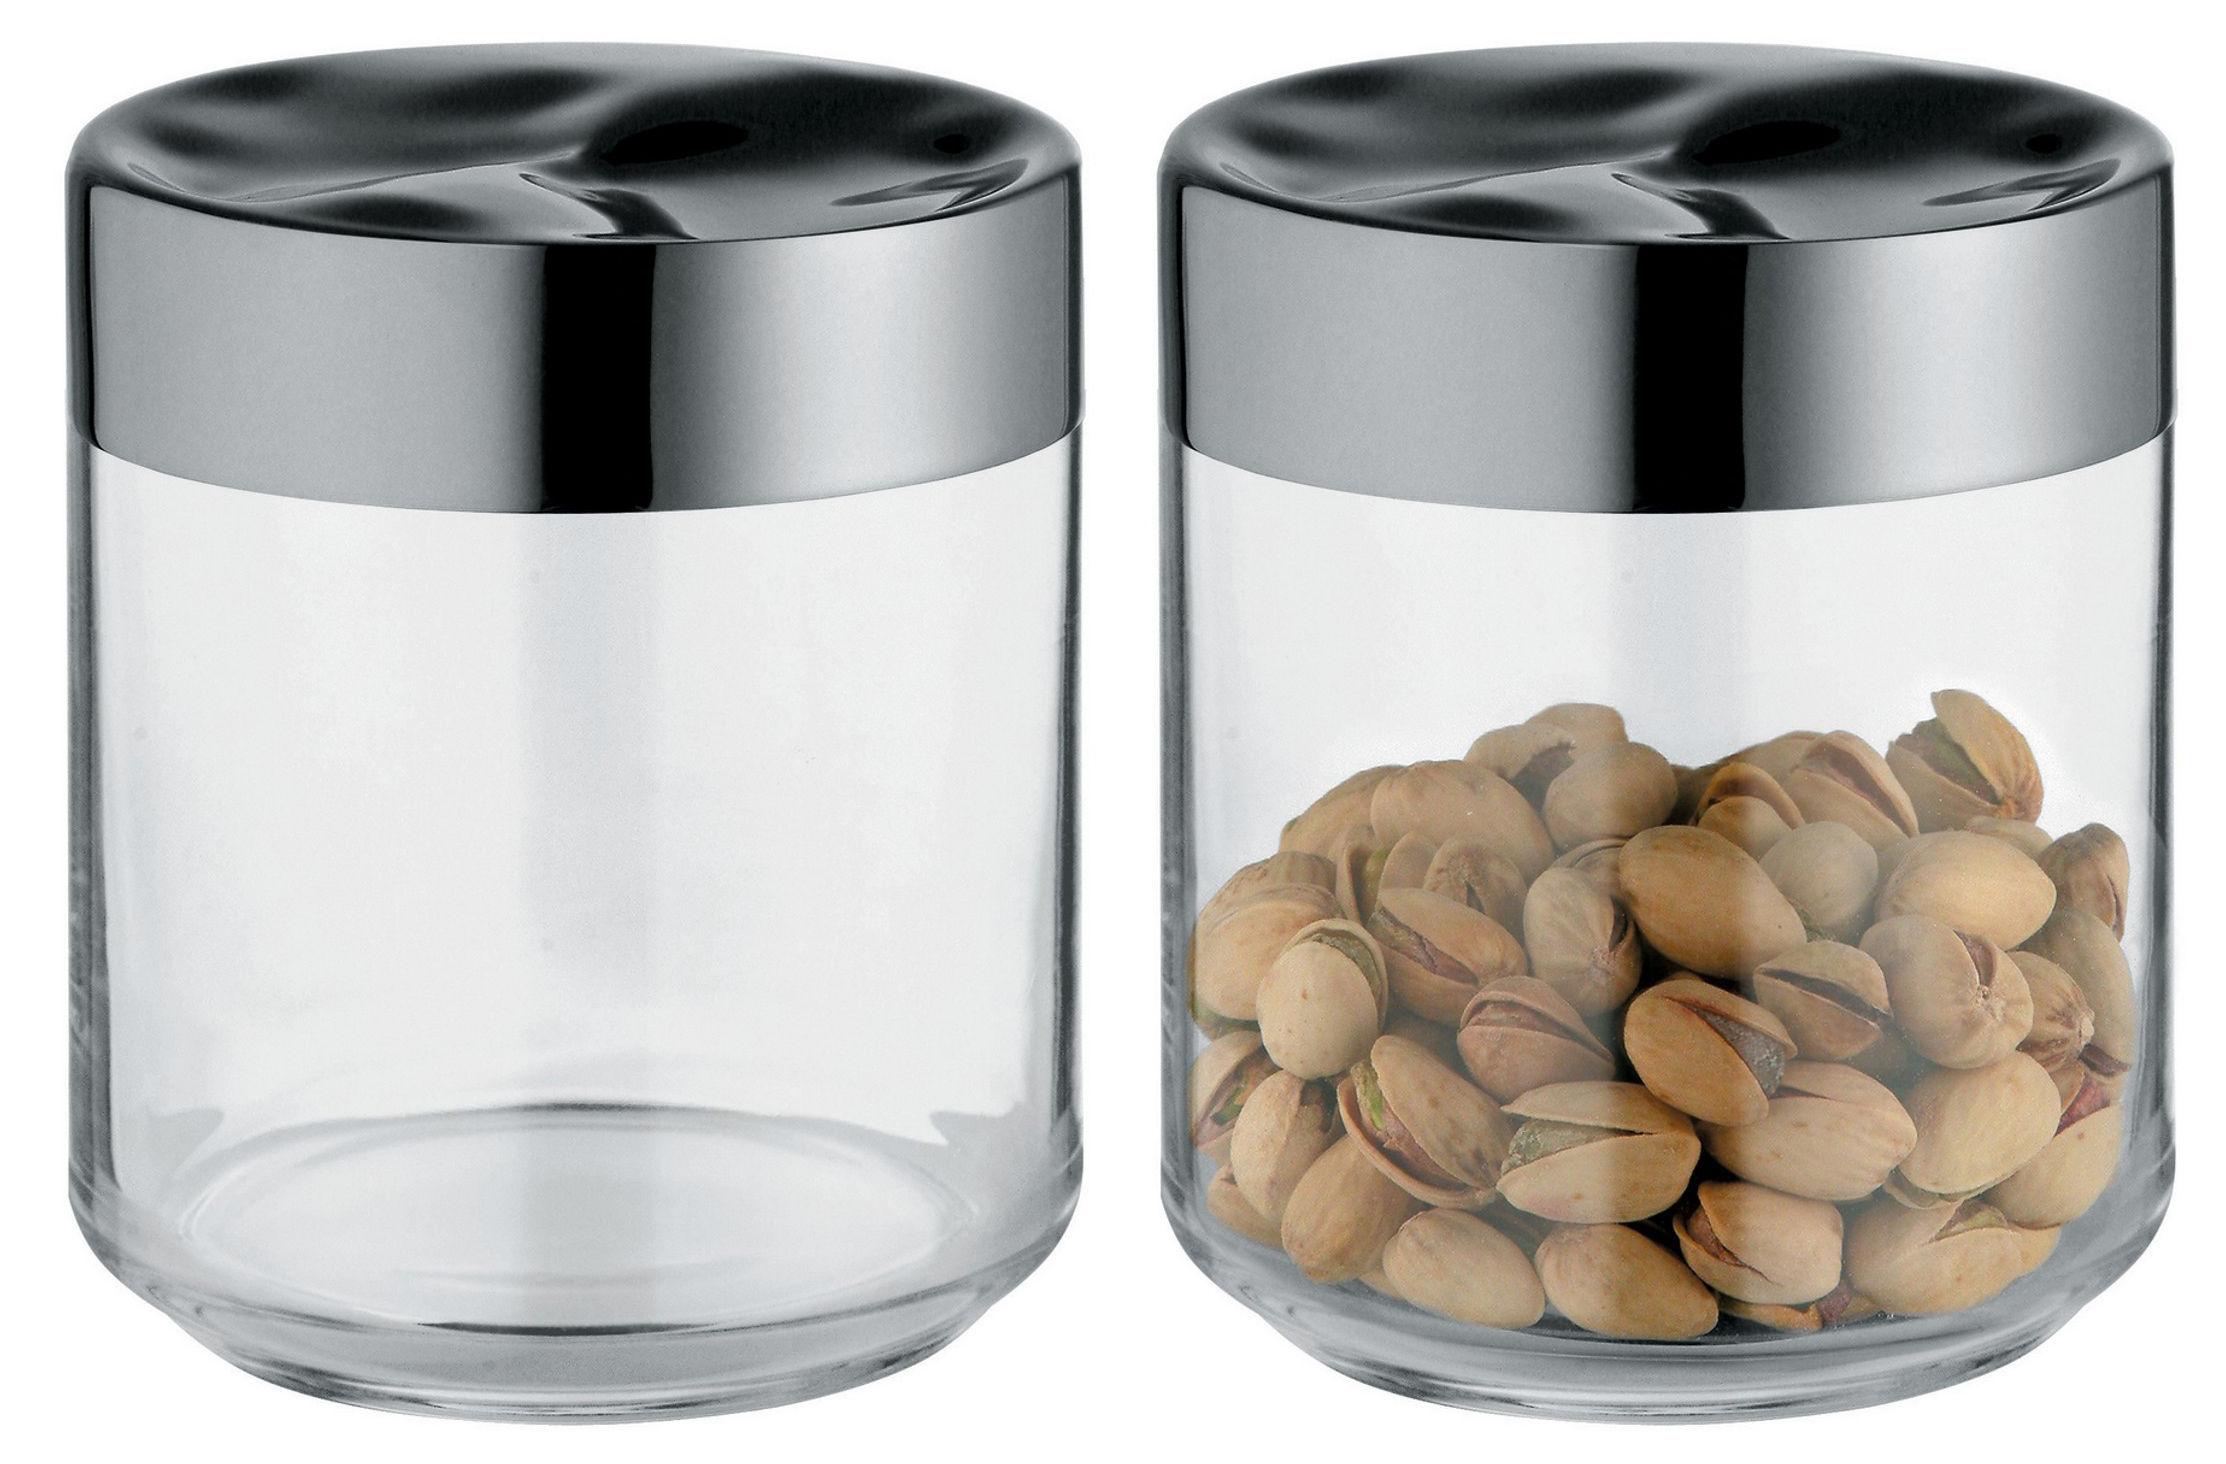 Accessoires - Accessoires für das Bad - Julieta hermetisch verschließbares Glas luftdicht - 75 cl - Alessi - 75 cl - Glas und Stahl - Glas, rostfreier Stahl